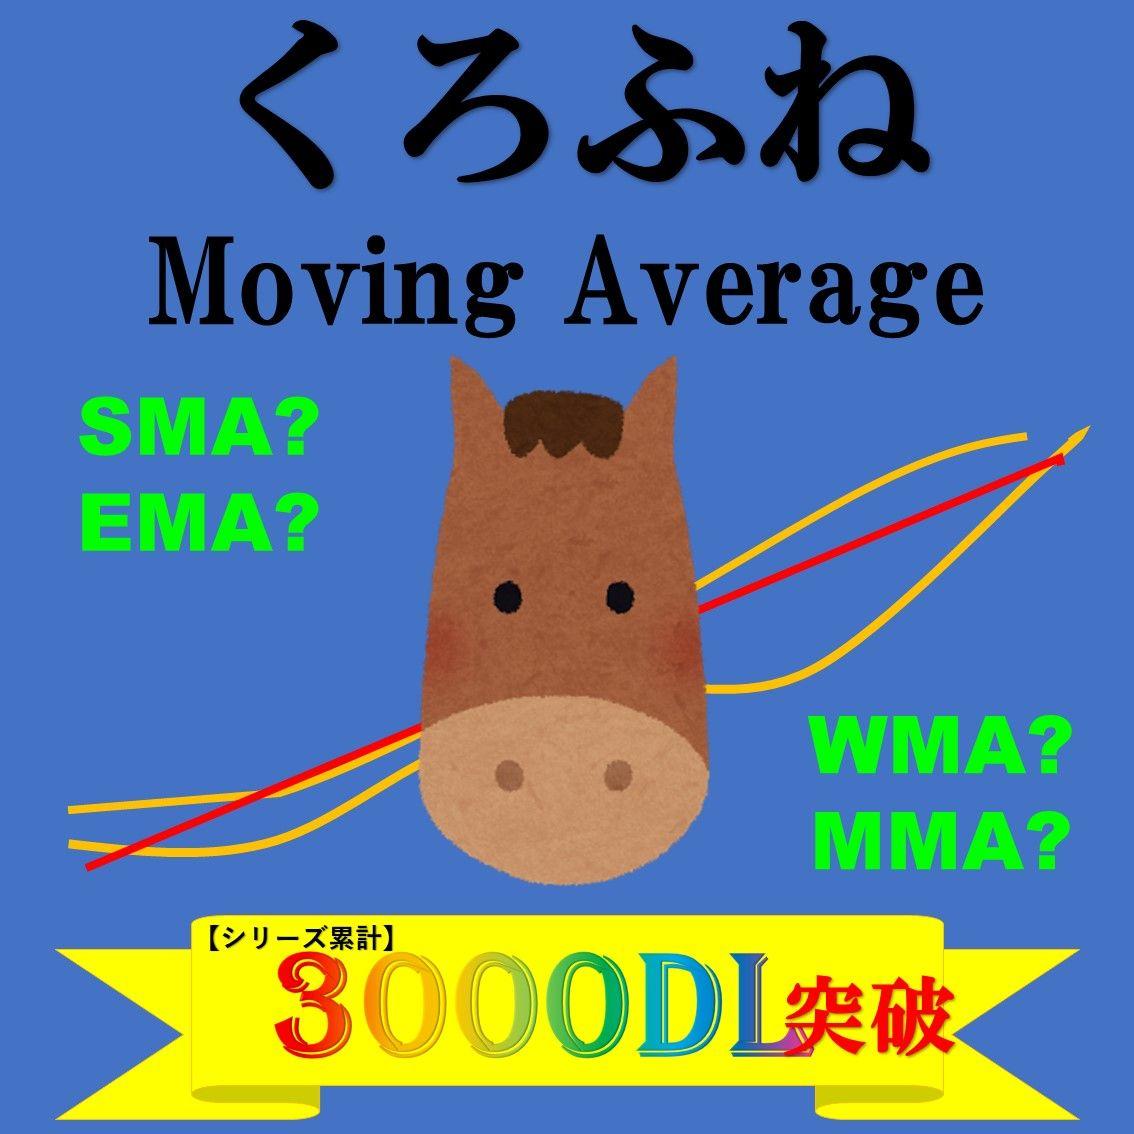 KUROHUNE Moving Average